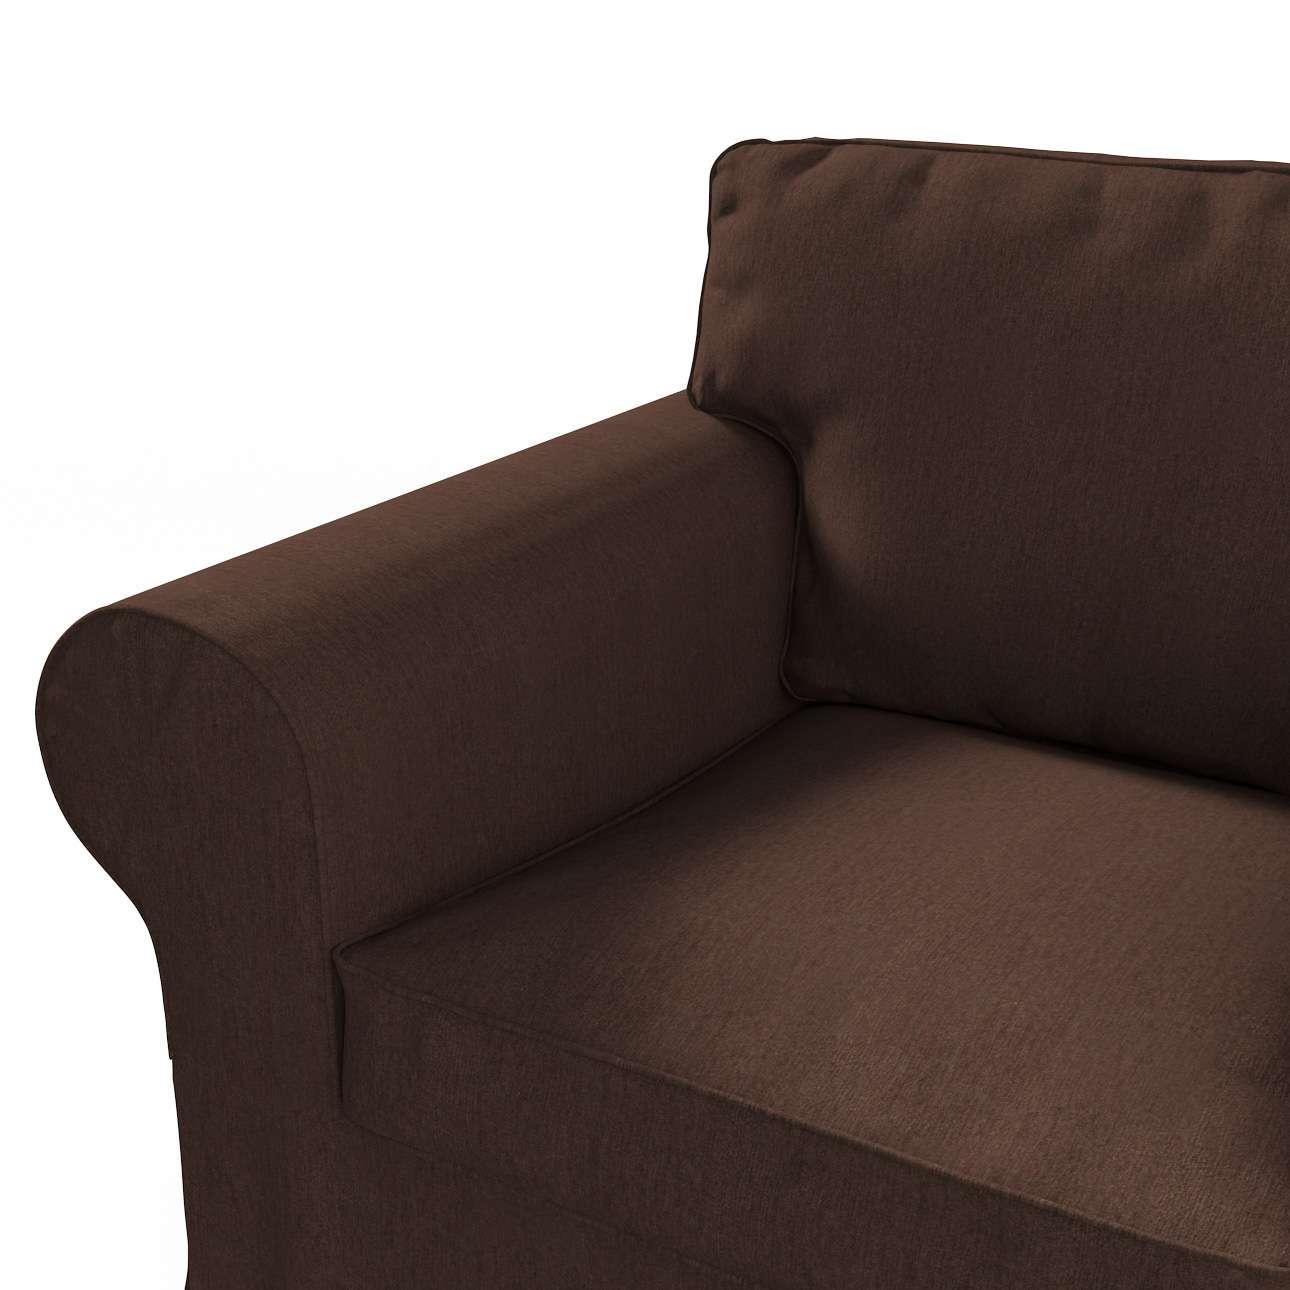 Pokrowiec na fotel Ektorp Fotel Ektorp w kolekcji Chenille, tkanina: 702-18